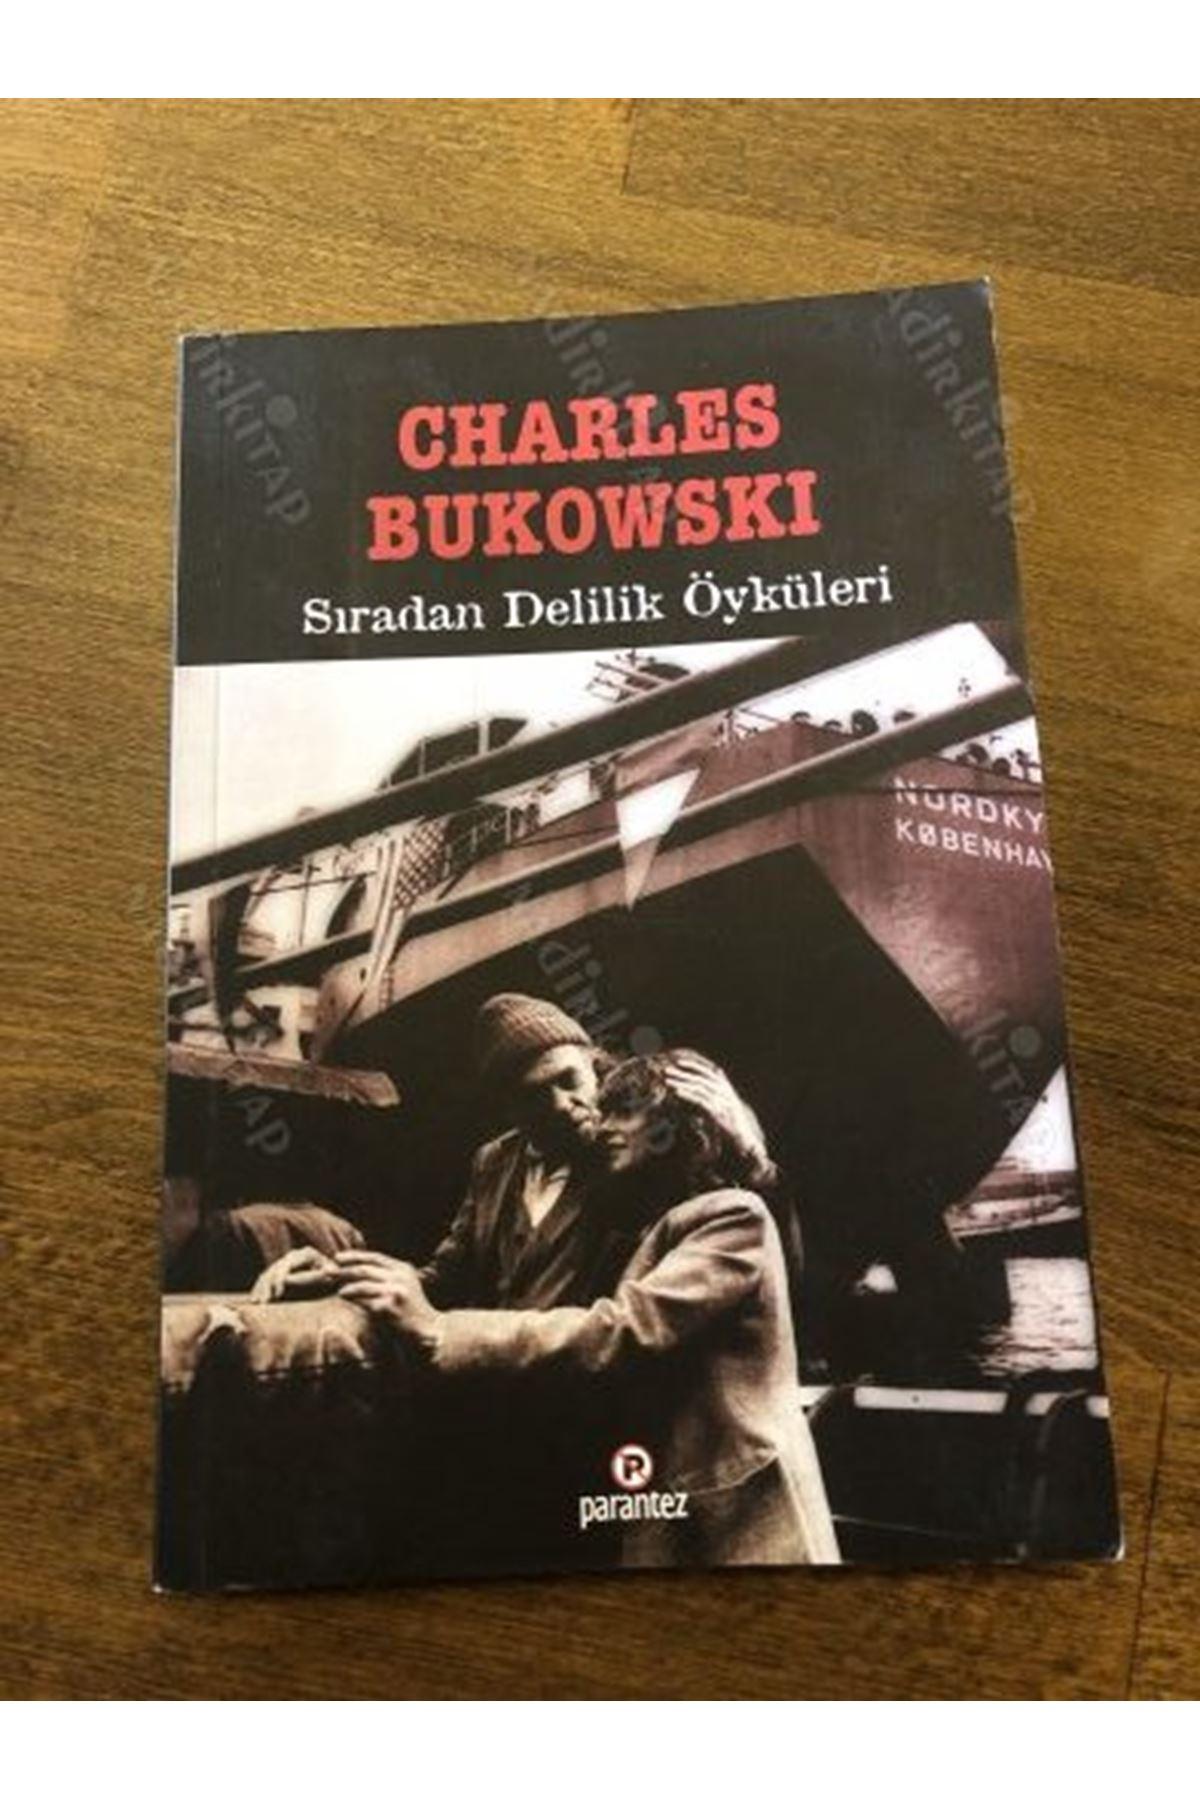 CHARLES BUKOWSKI - SIRADAN DELİLİK ÖYKÜLERİ